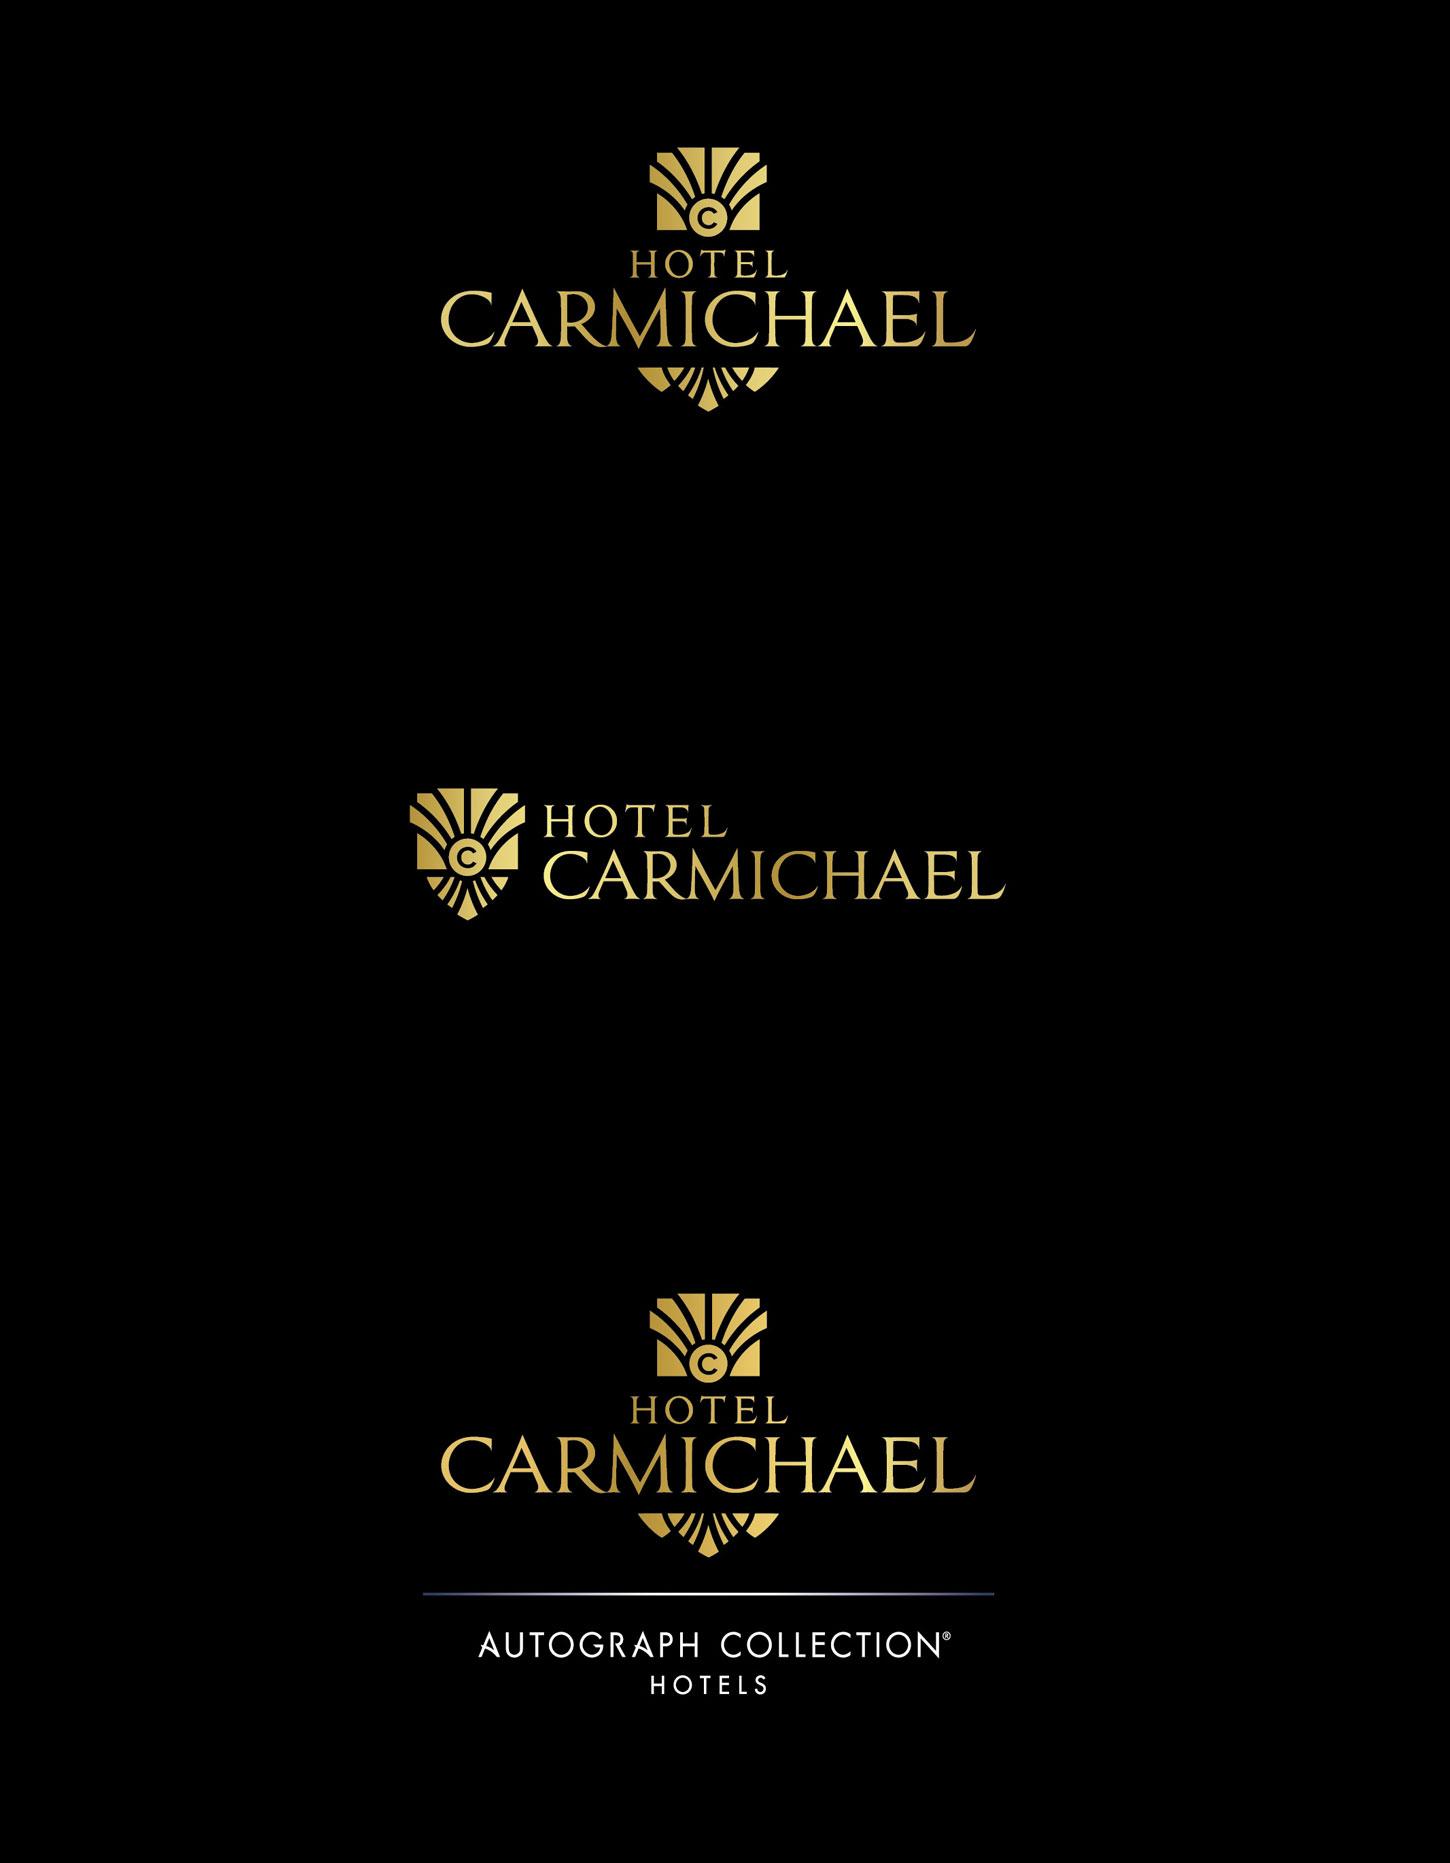 Hotel Carmichael Logo